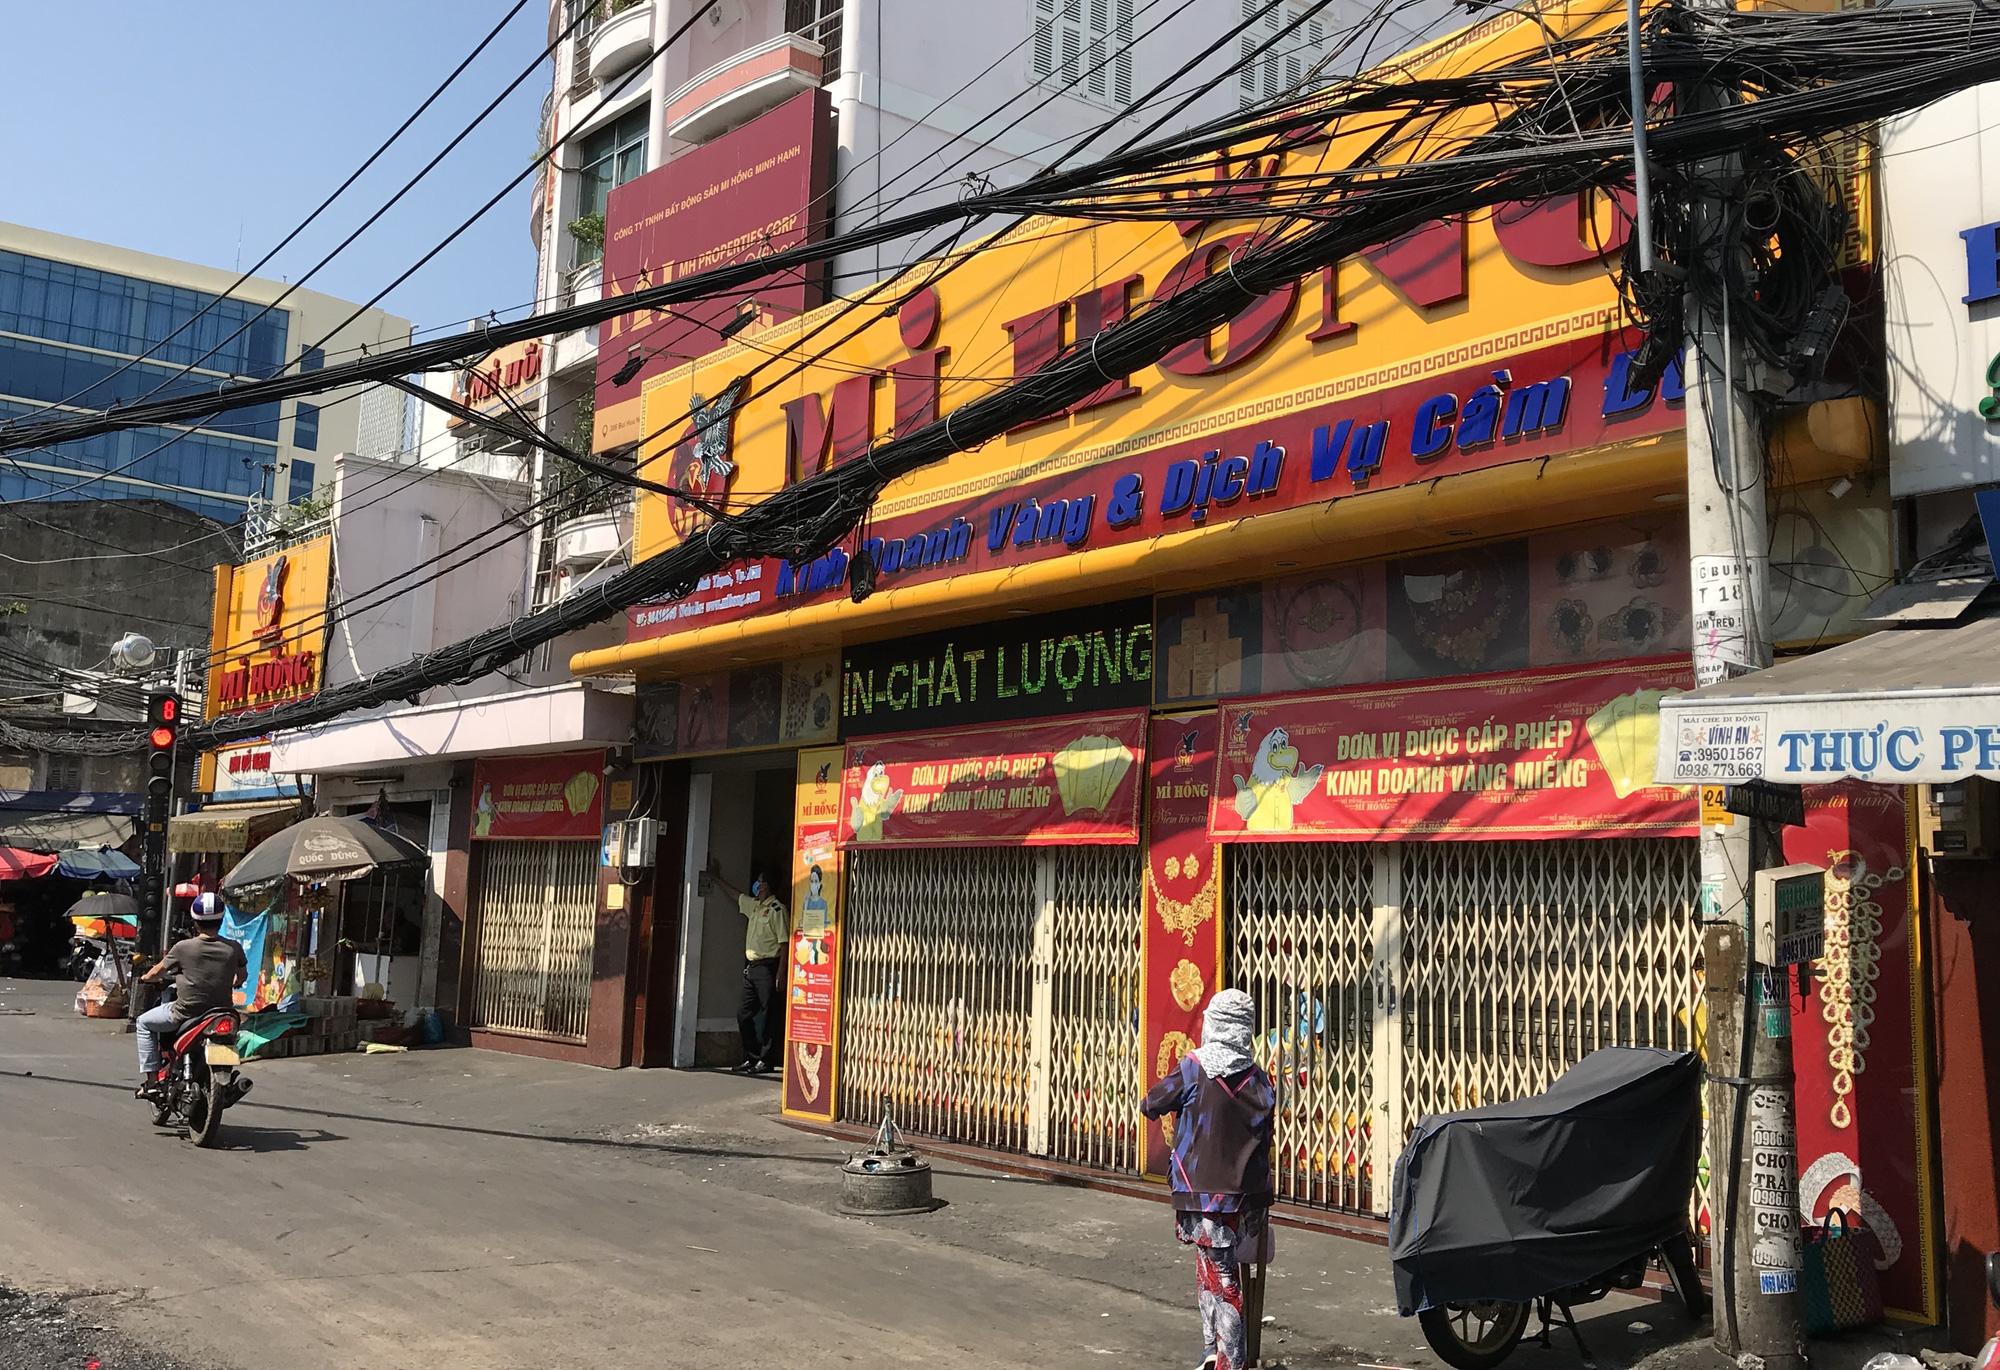 Tiệm vàng, Chanel, Gucci Sài Gòn cũng đóng cửa im ỉm phòng dịch Covid-19 - Ảnh 2.